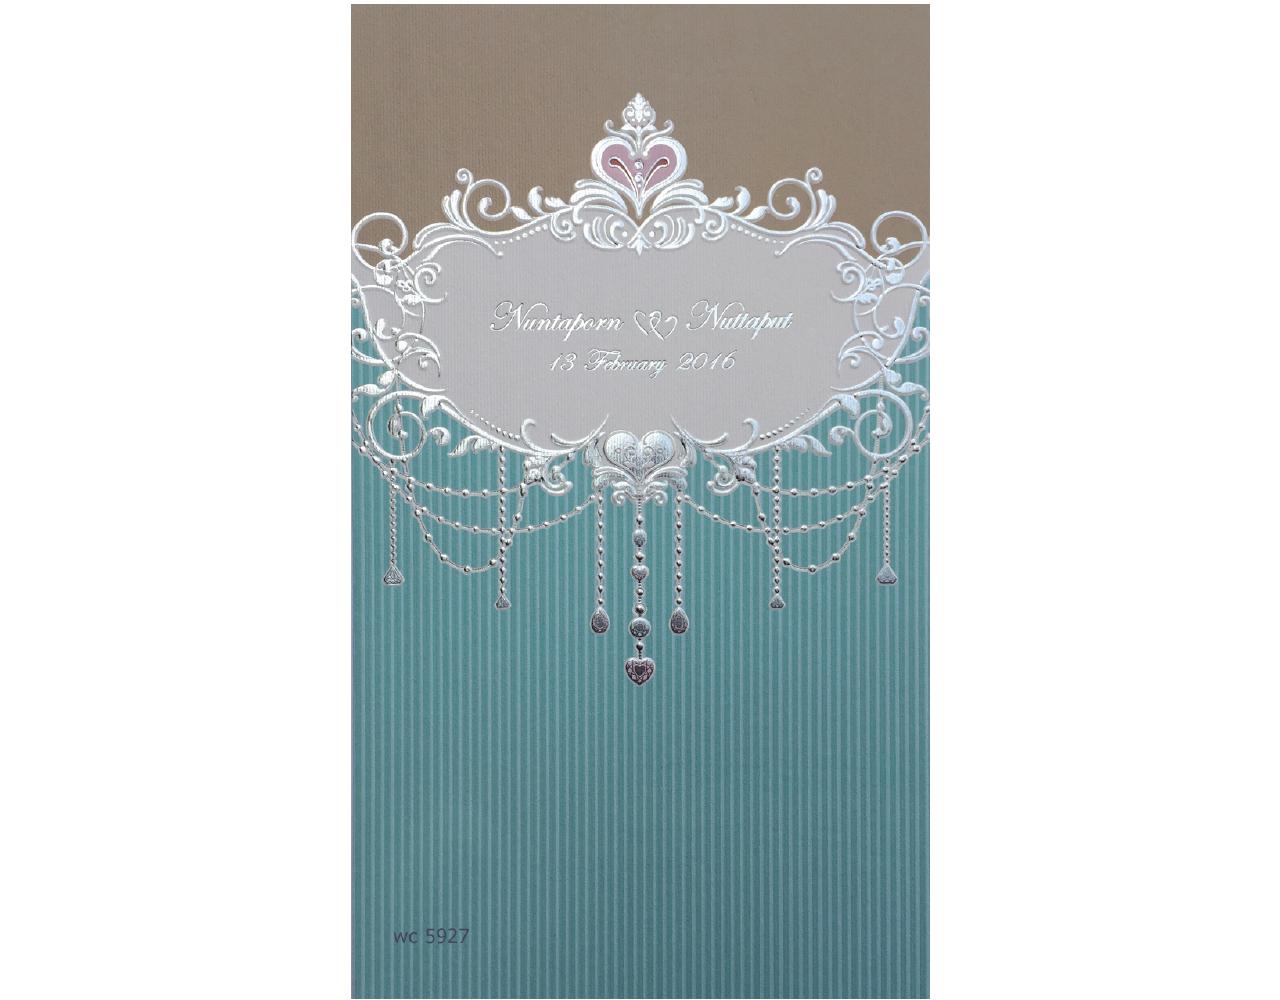 การ์ดแต่งงาน การ์ดเชิญ แนวตั้งสีเขียว 2 พับ wedding card 5x8.5inch wc 5927